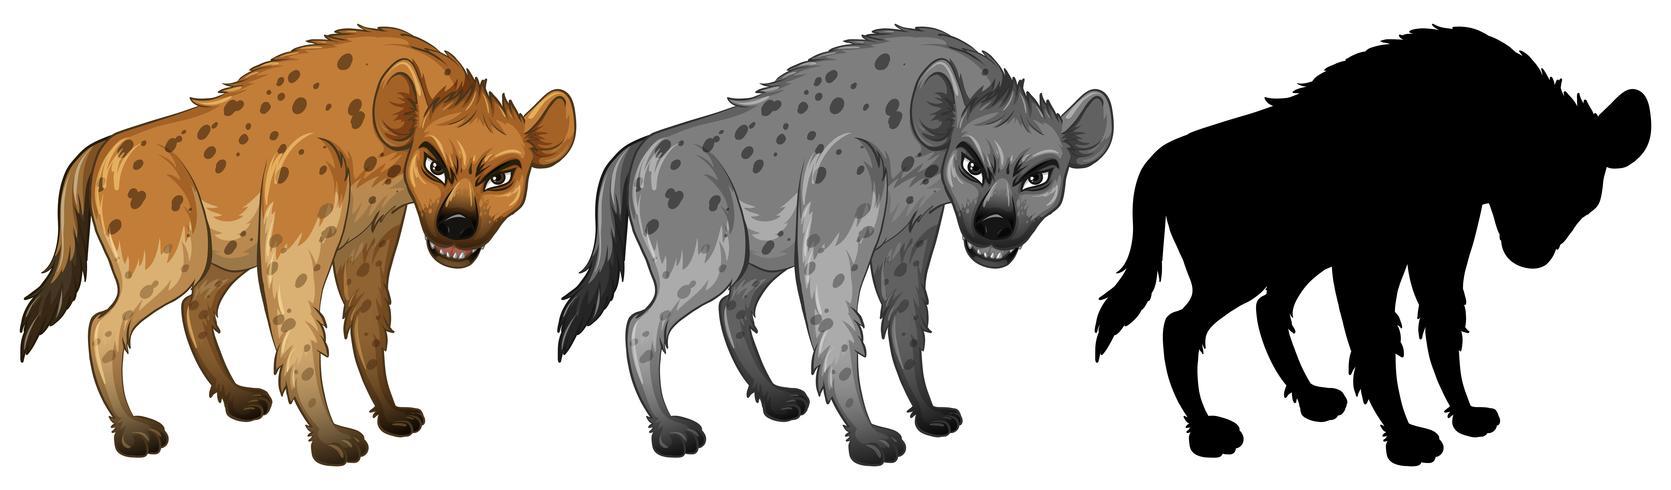 Satz von Hyänenzeichen